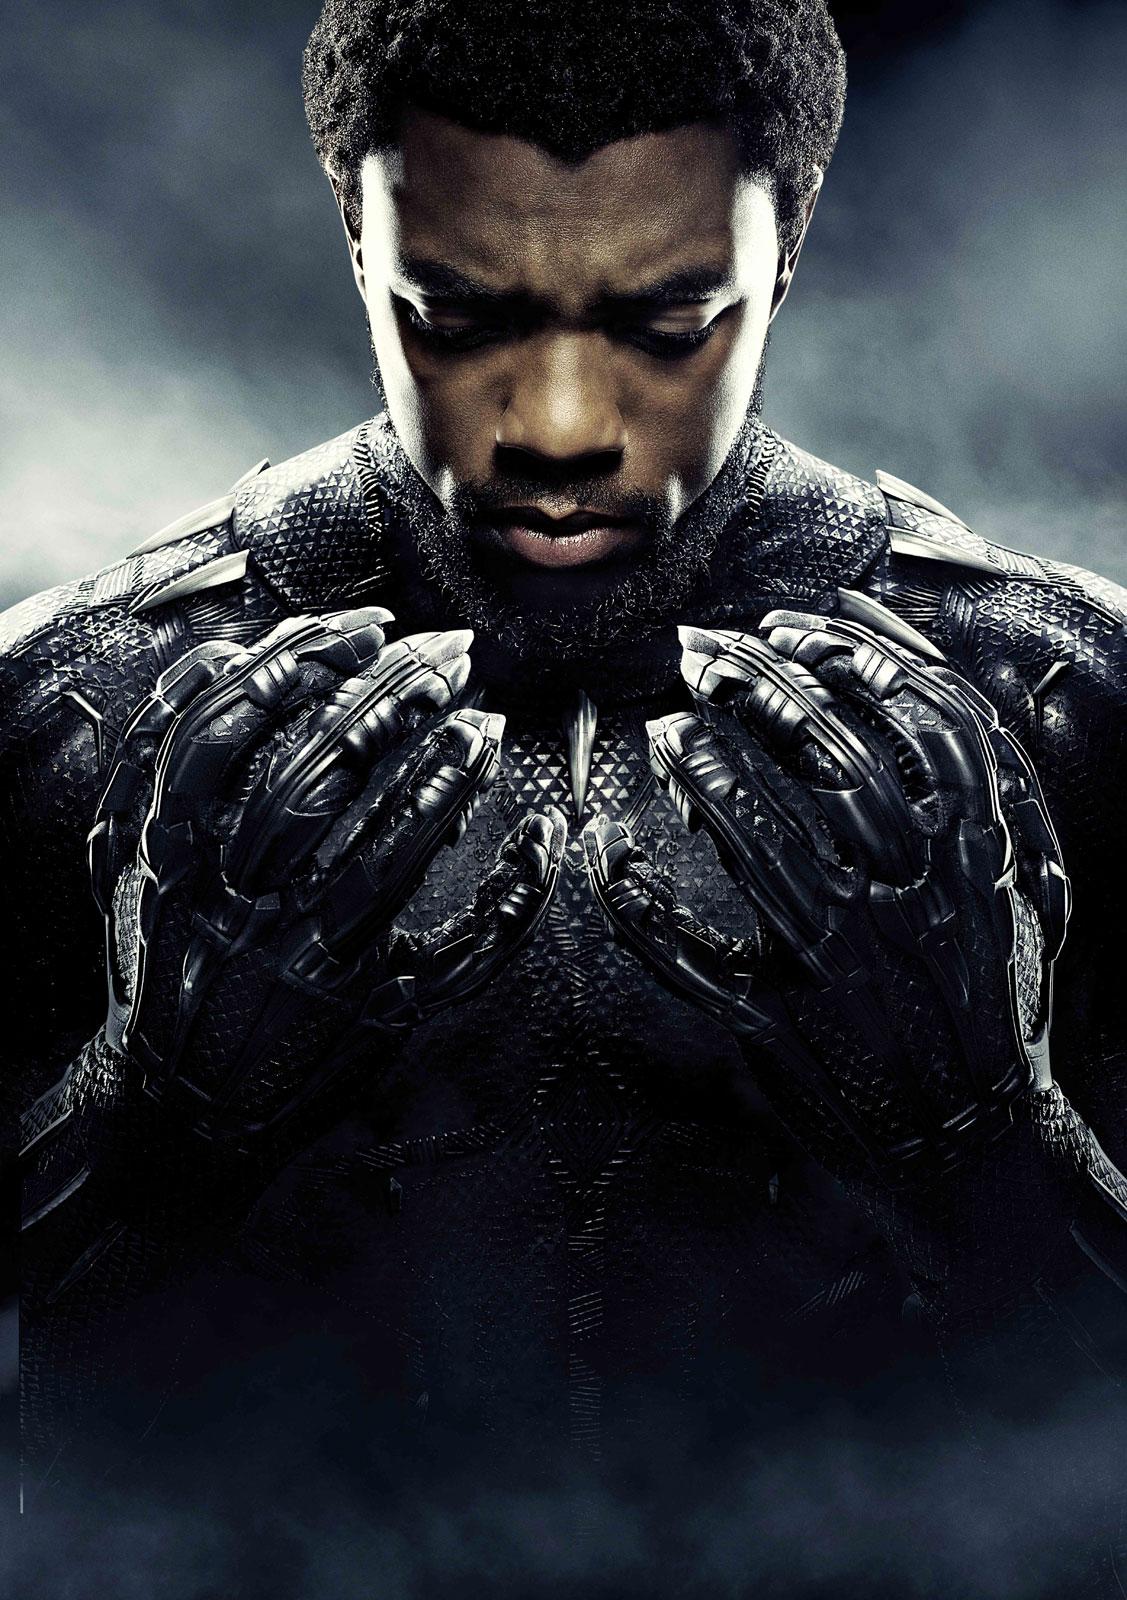 Black Panther | Creators, Origin, Stories, & Film | Britannica